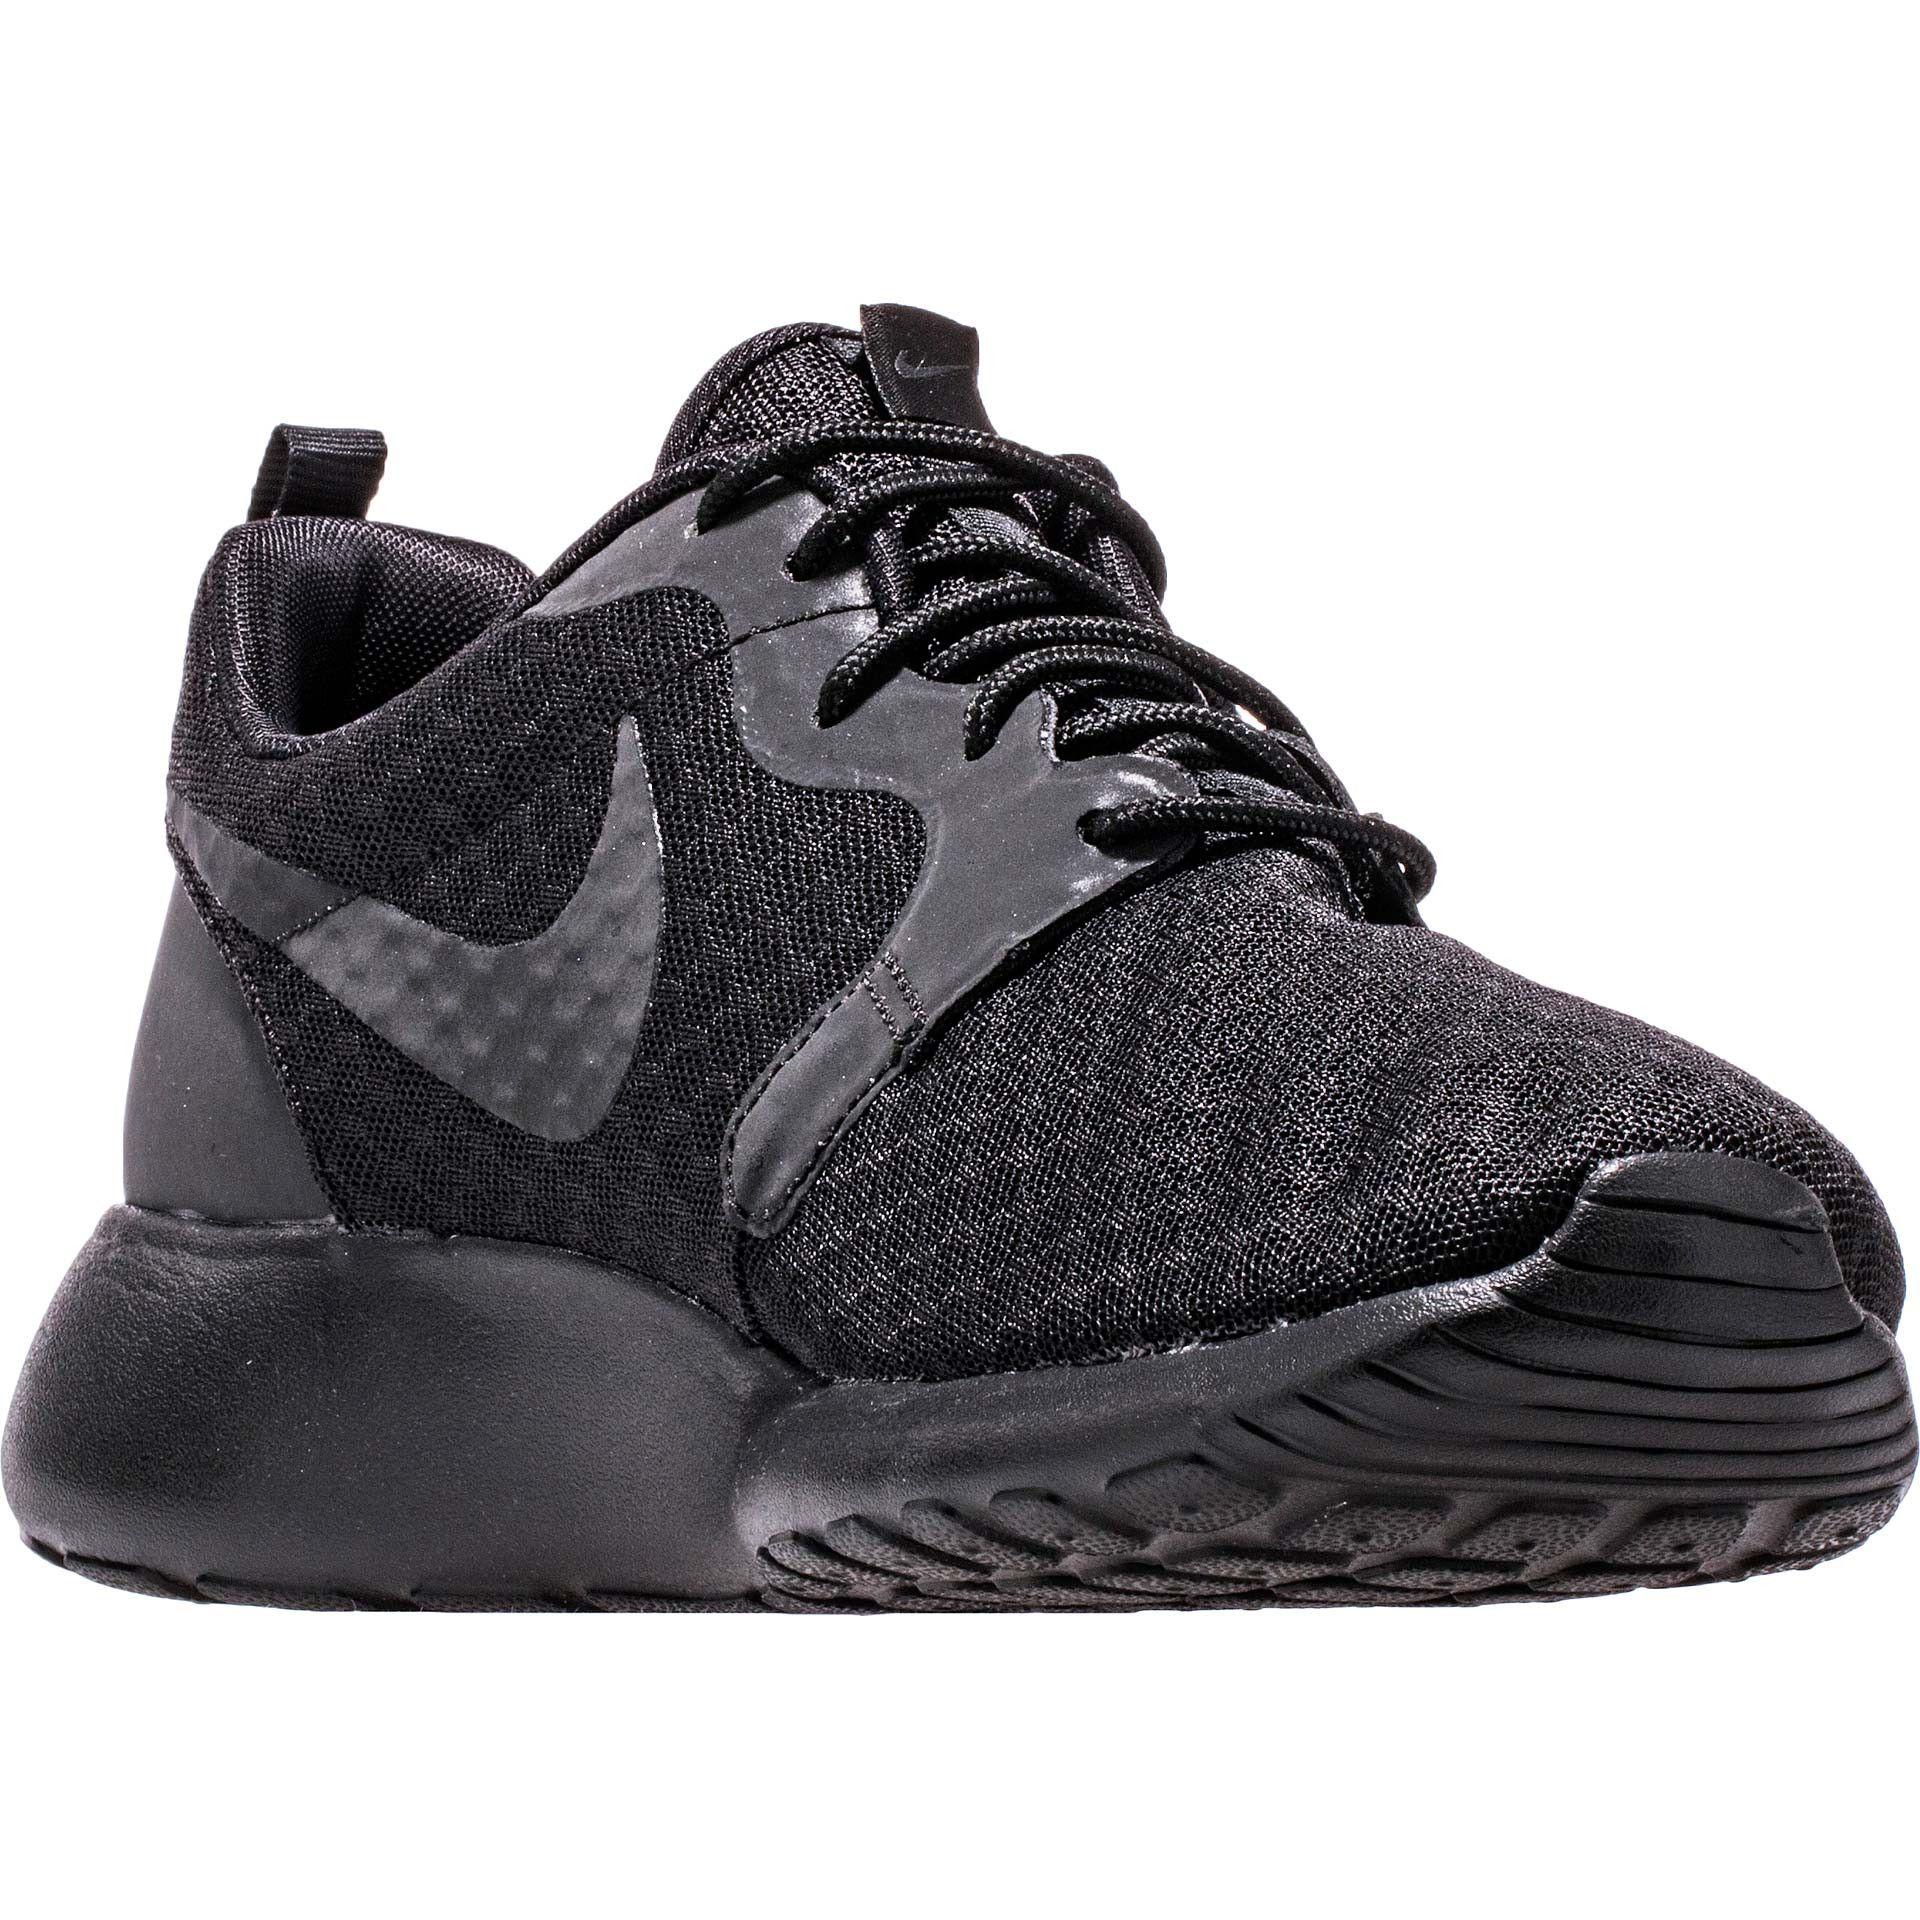 d85bd881049 Nike Roshe One Tech Hyperfuse (Mens) - Black Black